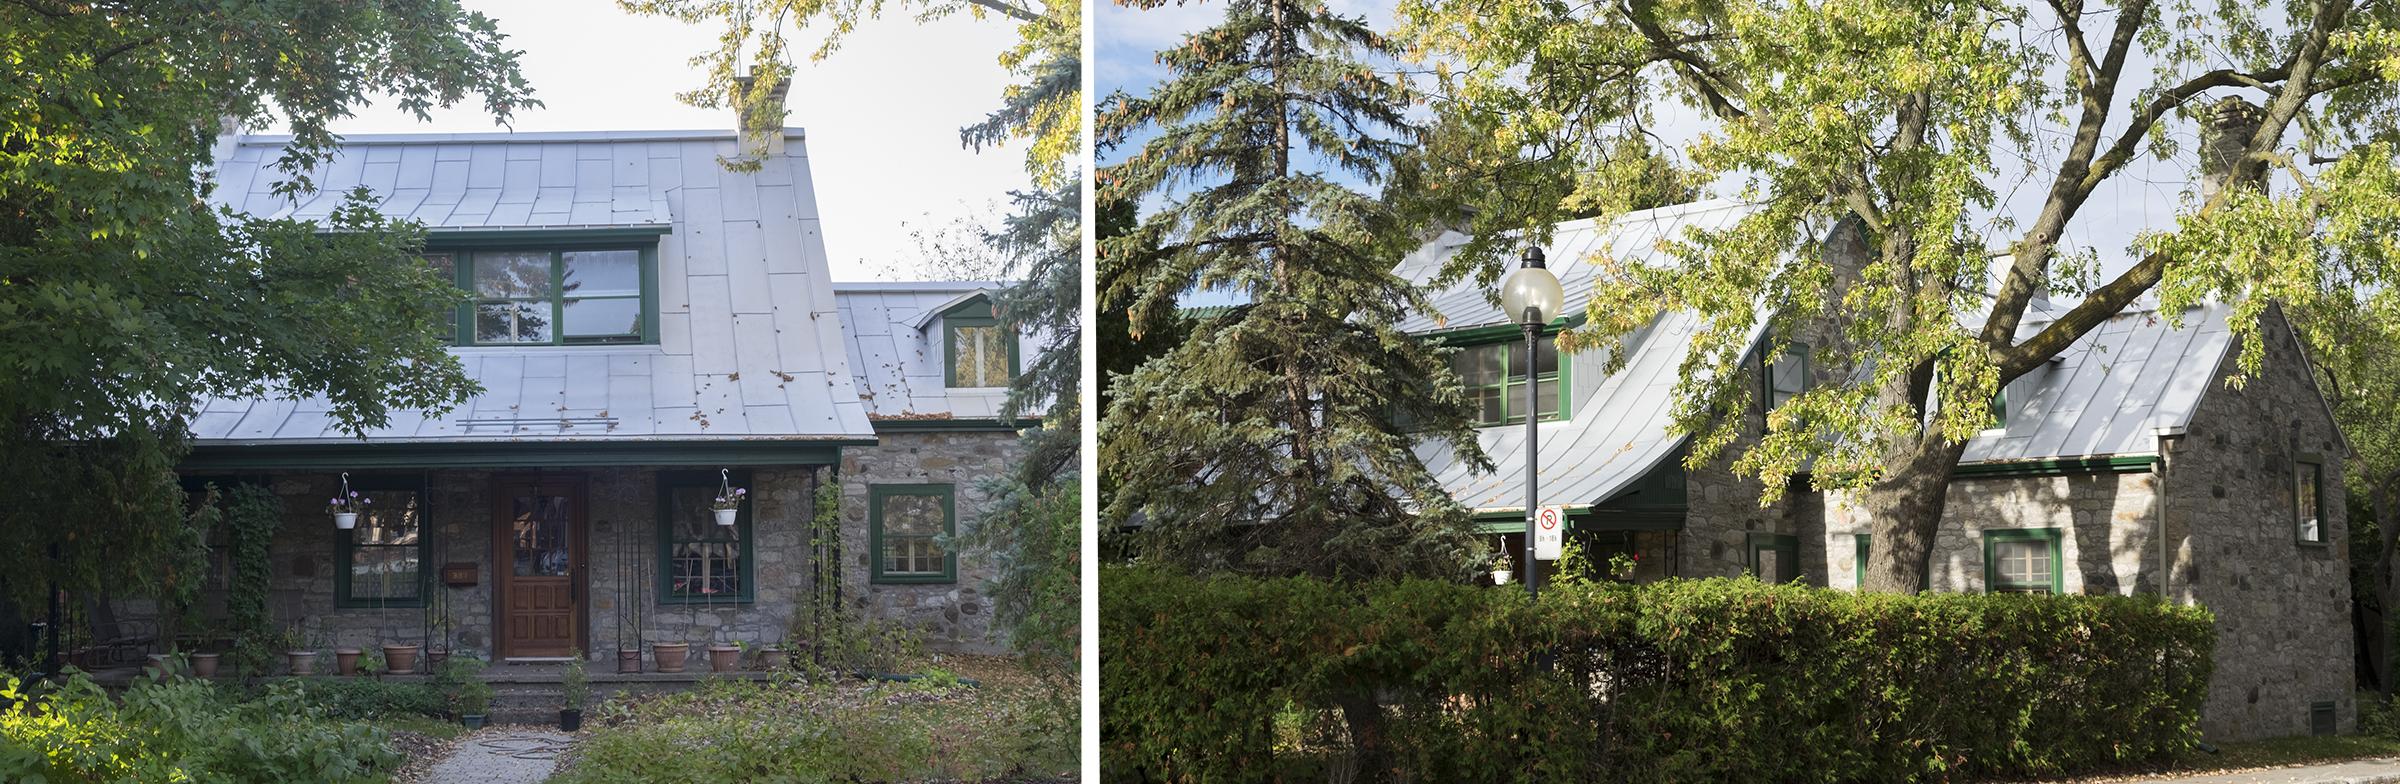 Maison du boulevard Gouin est, Ahuntsic. Source : Société d'histoire Ahuntsic-Cartierville.